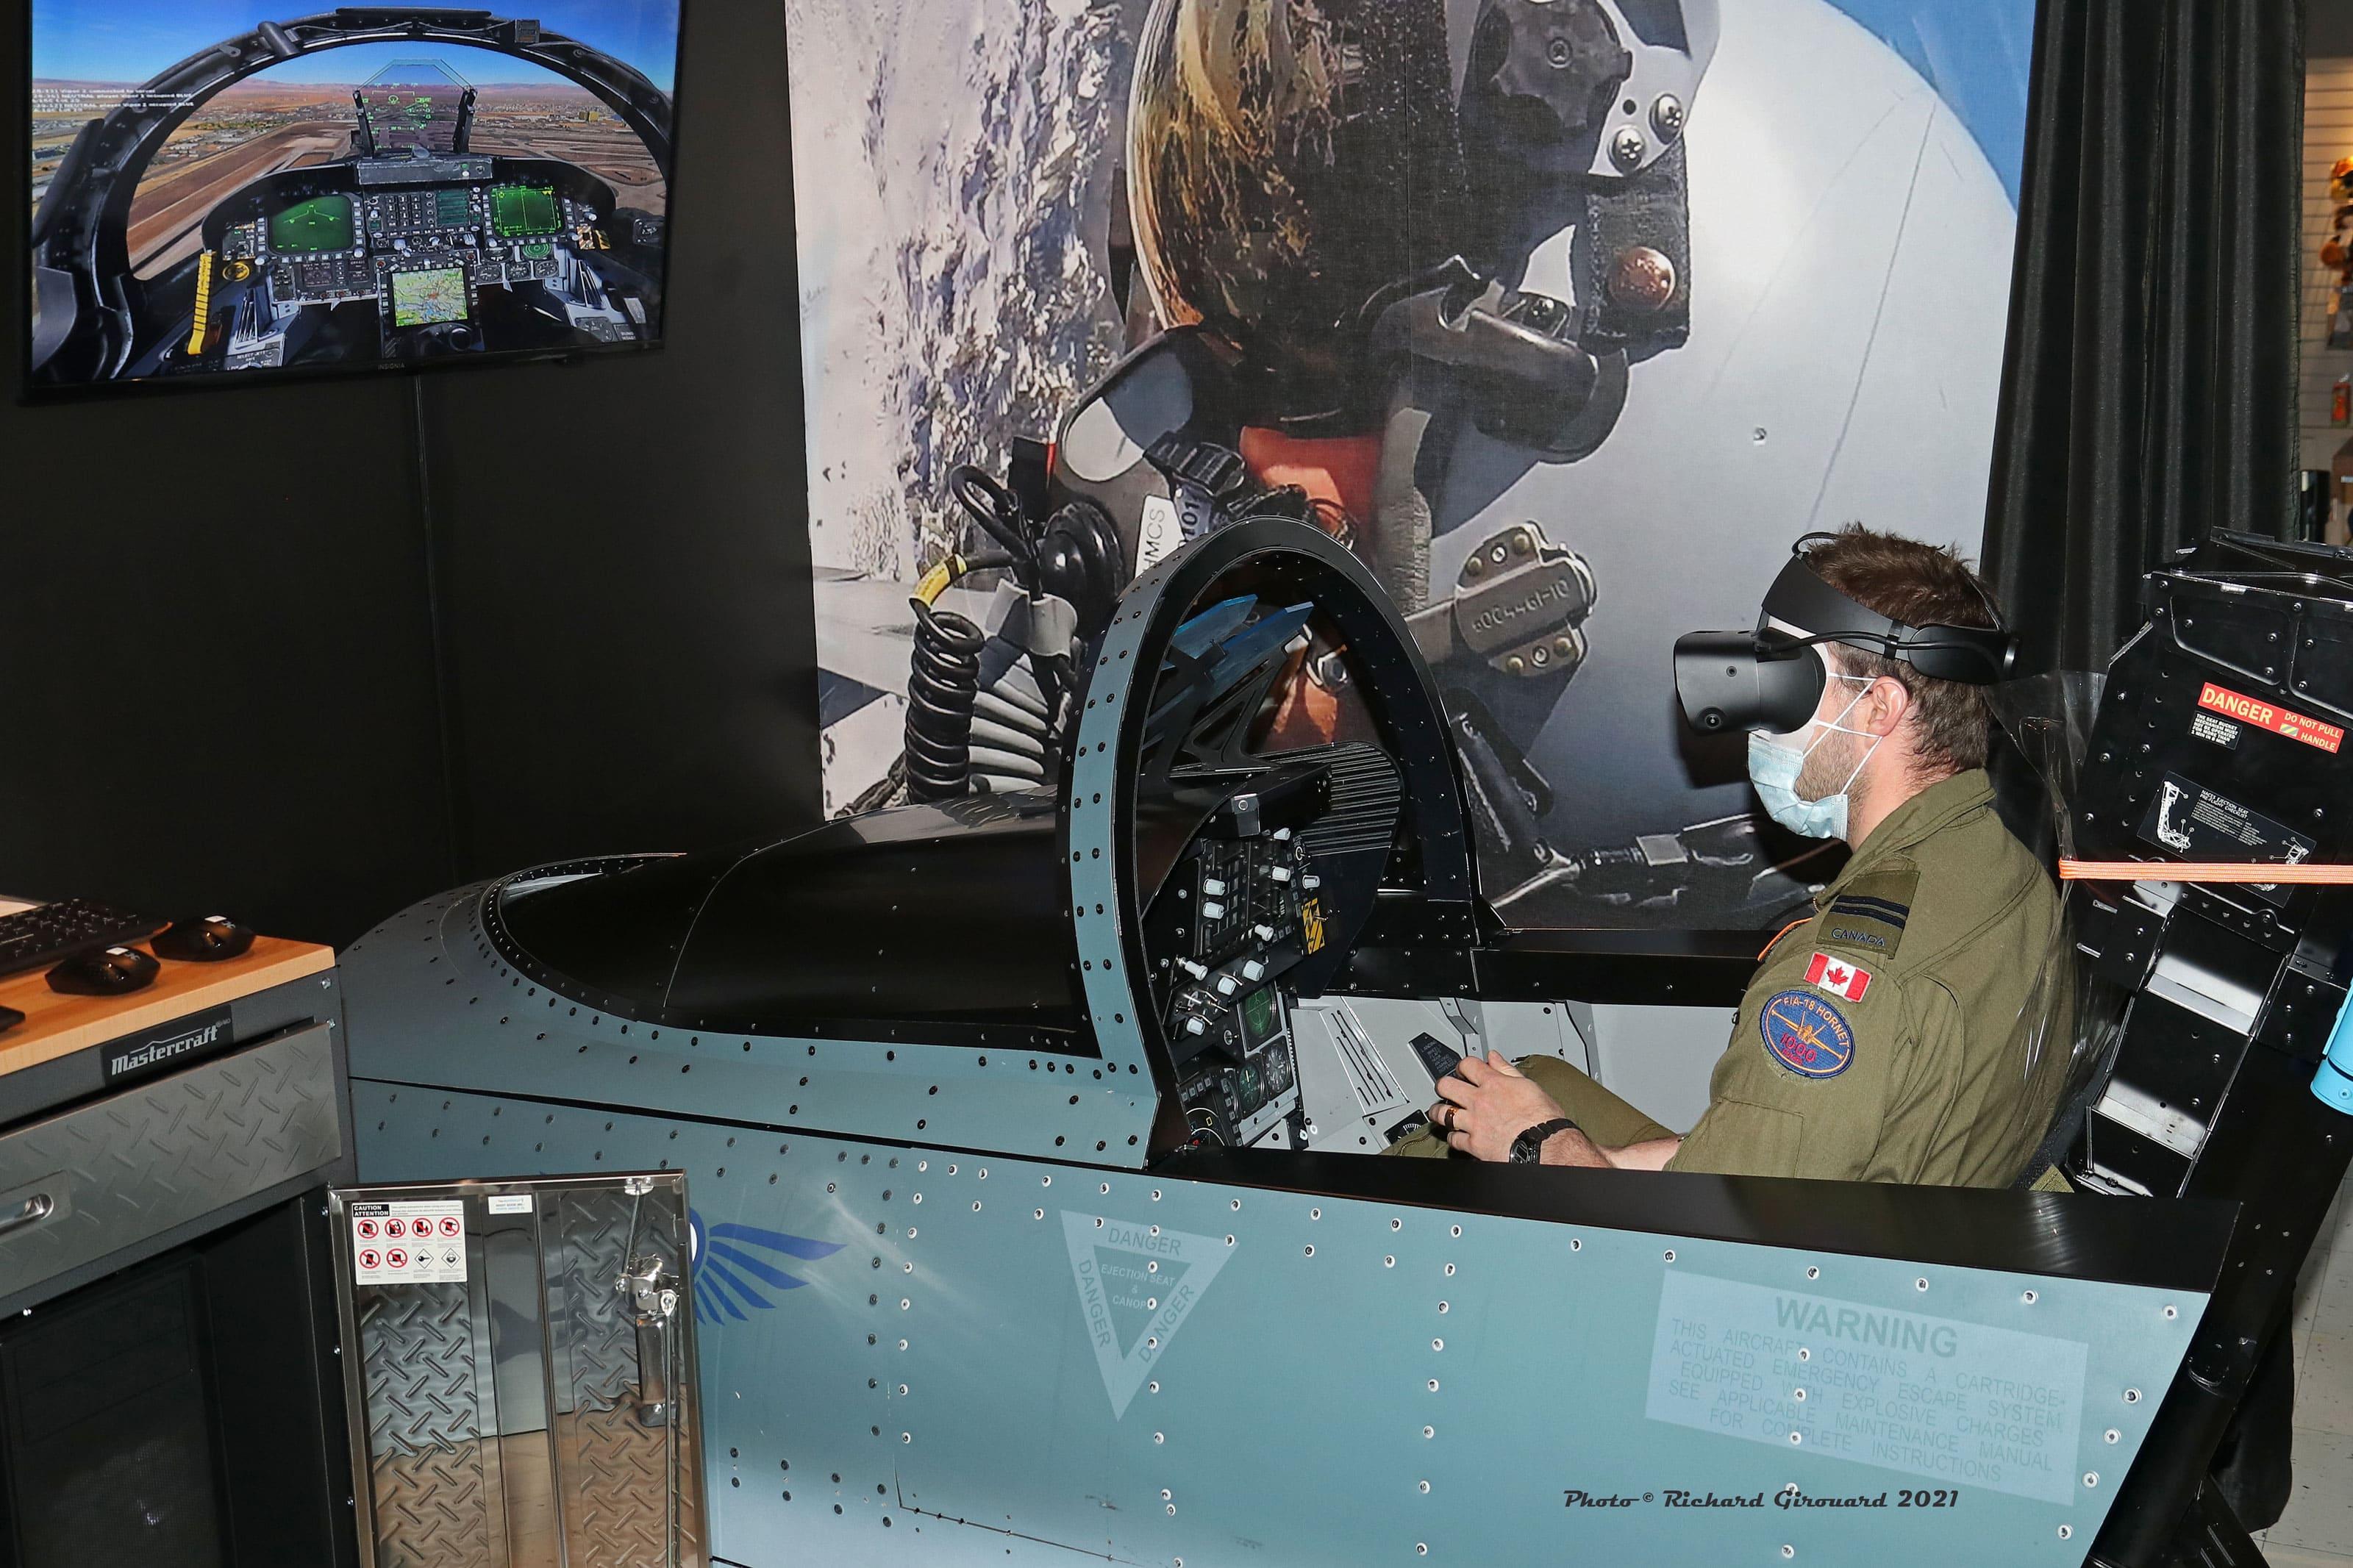 Simulateurs de CF-18 Hornet - Musée de la défense aérienne